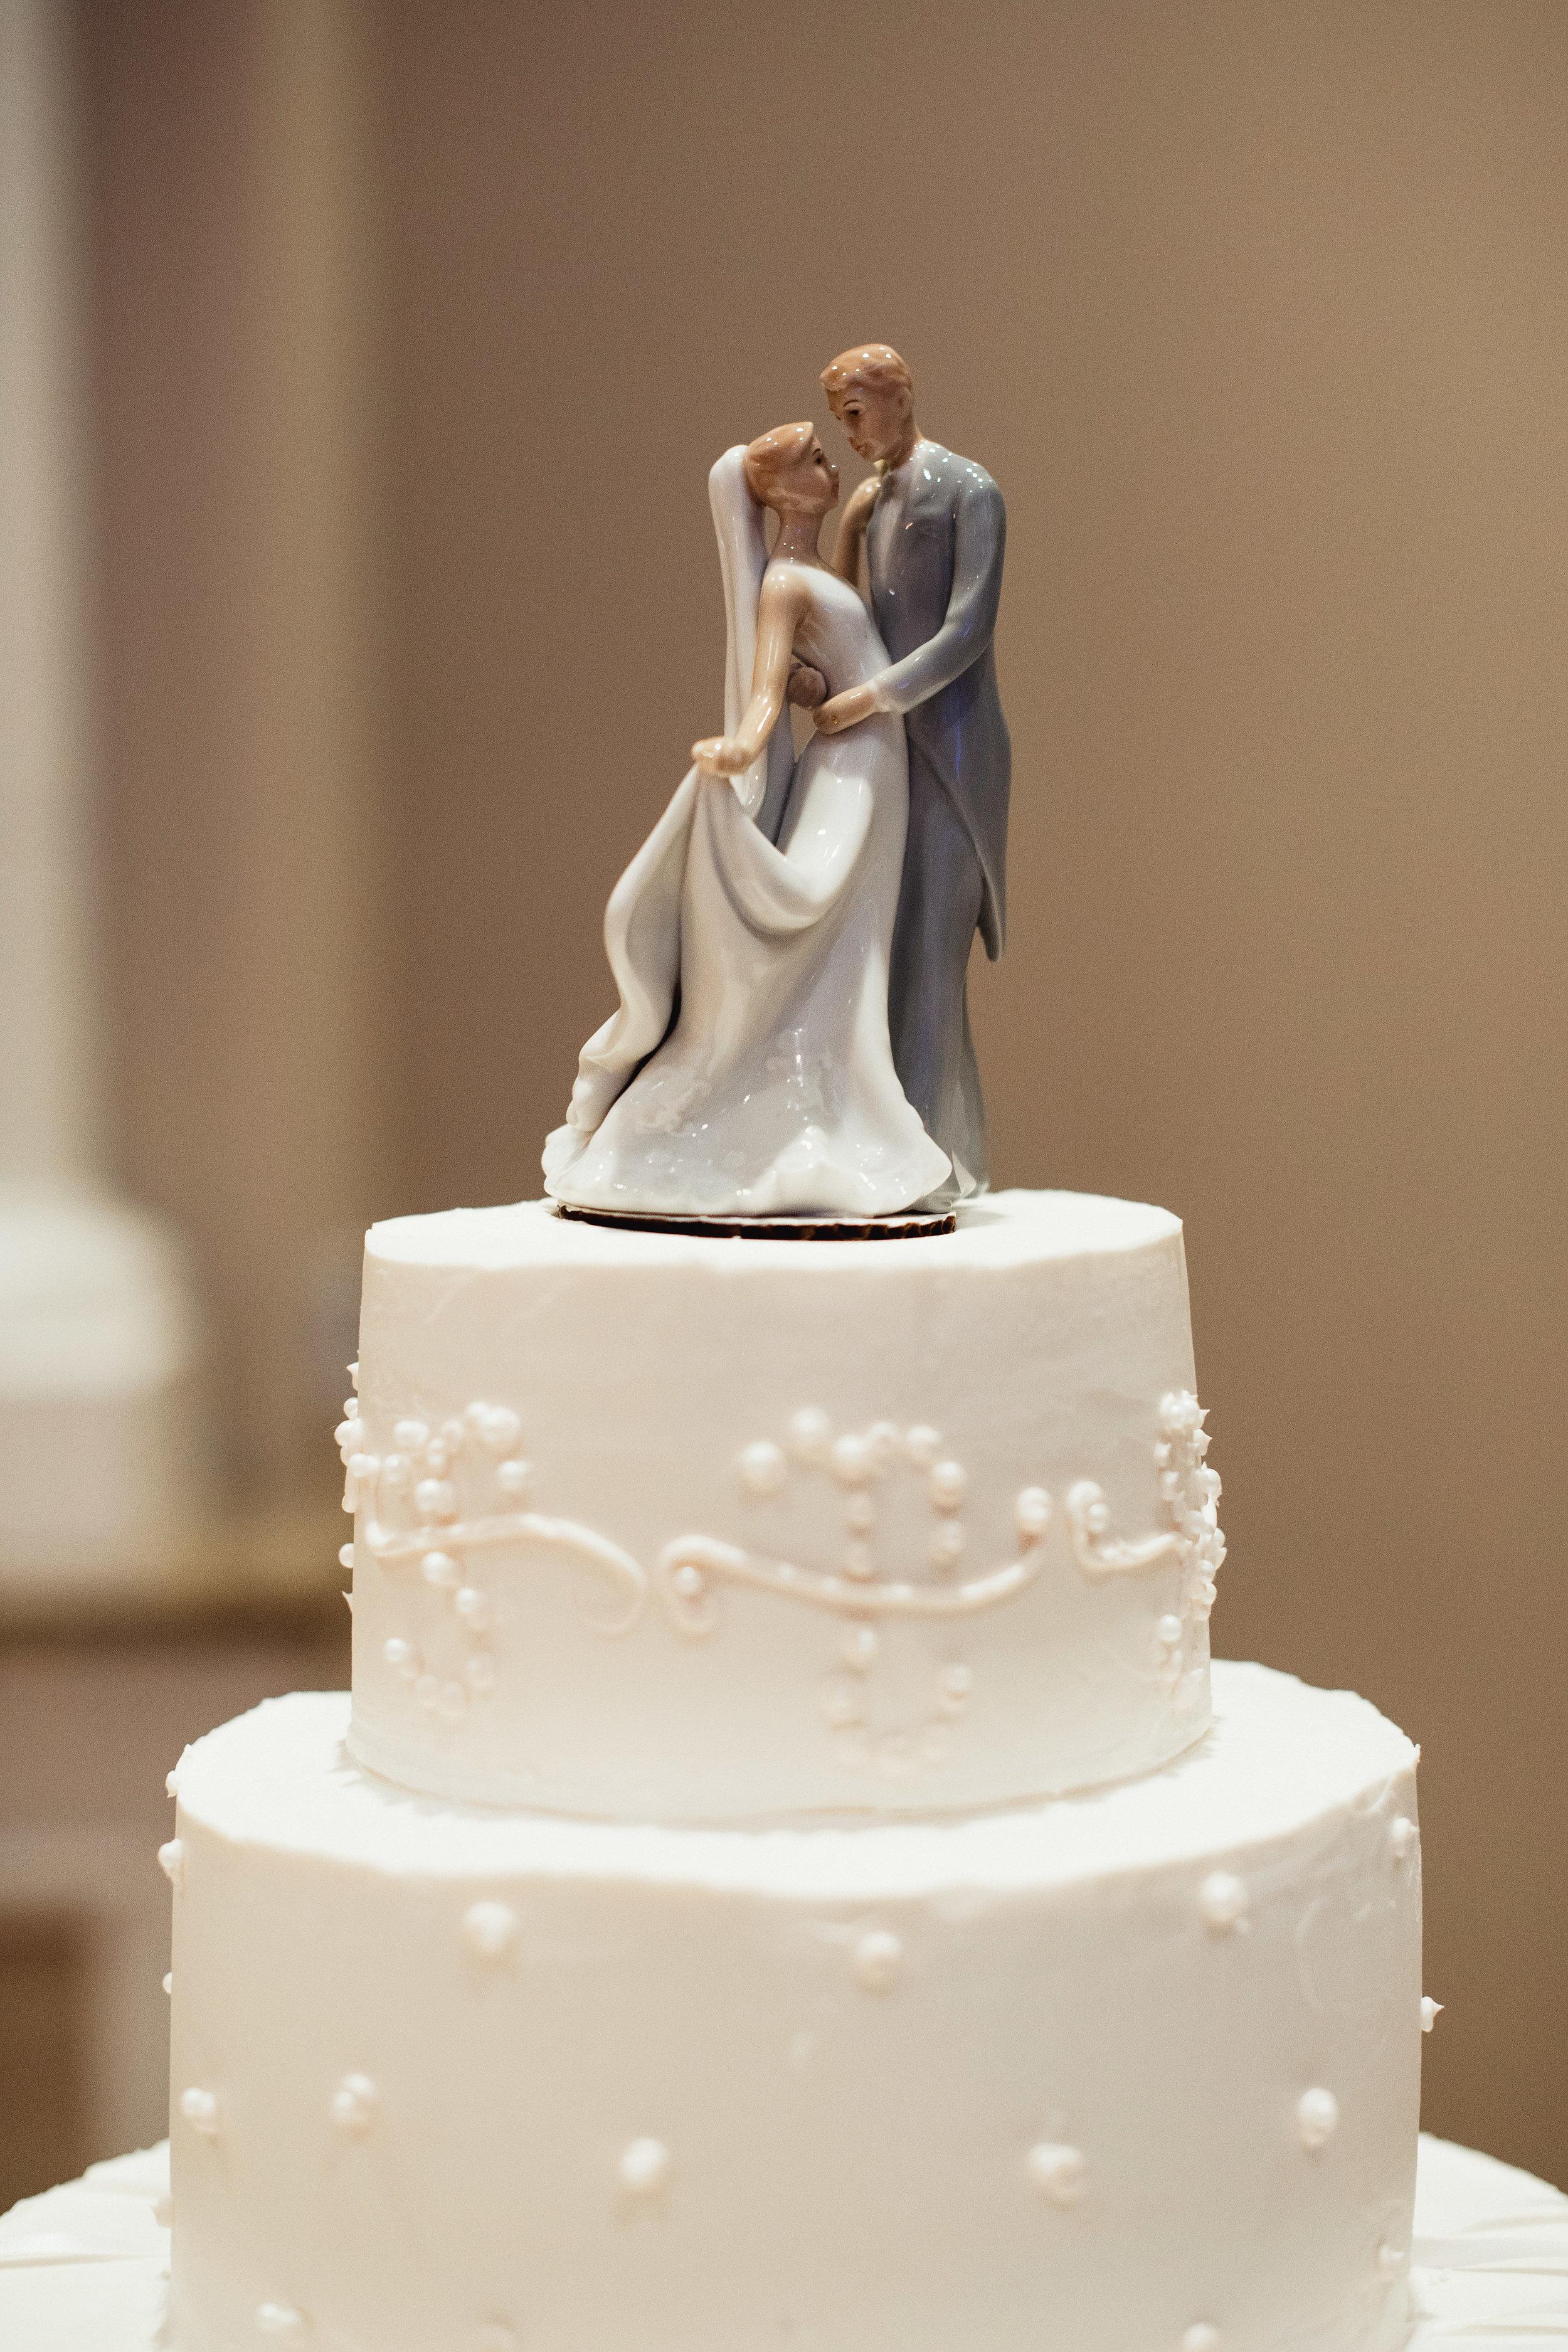 Ducote_Naccari_wedding_0556.jpg